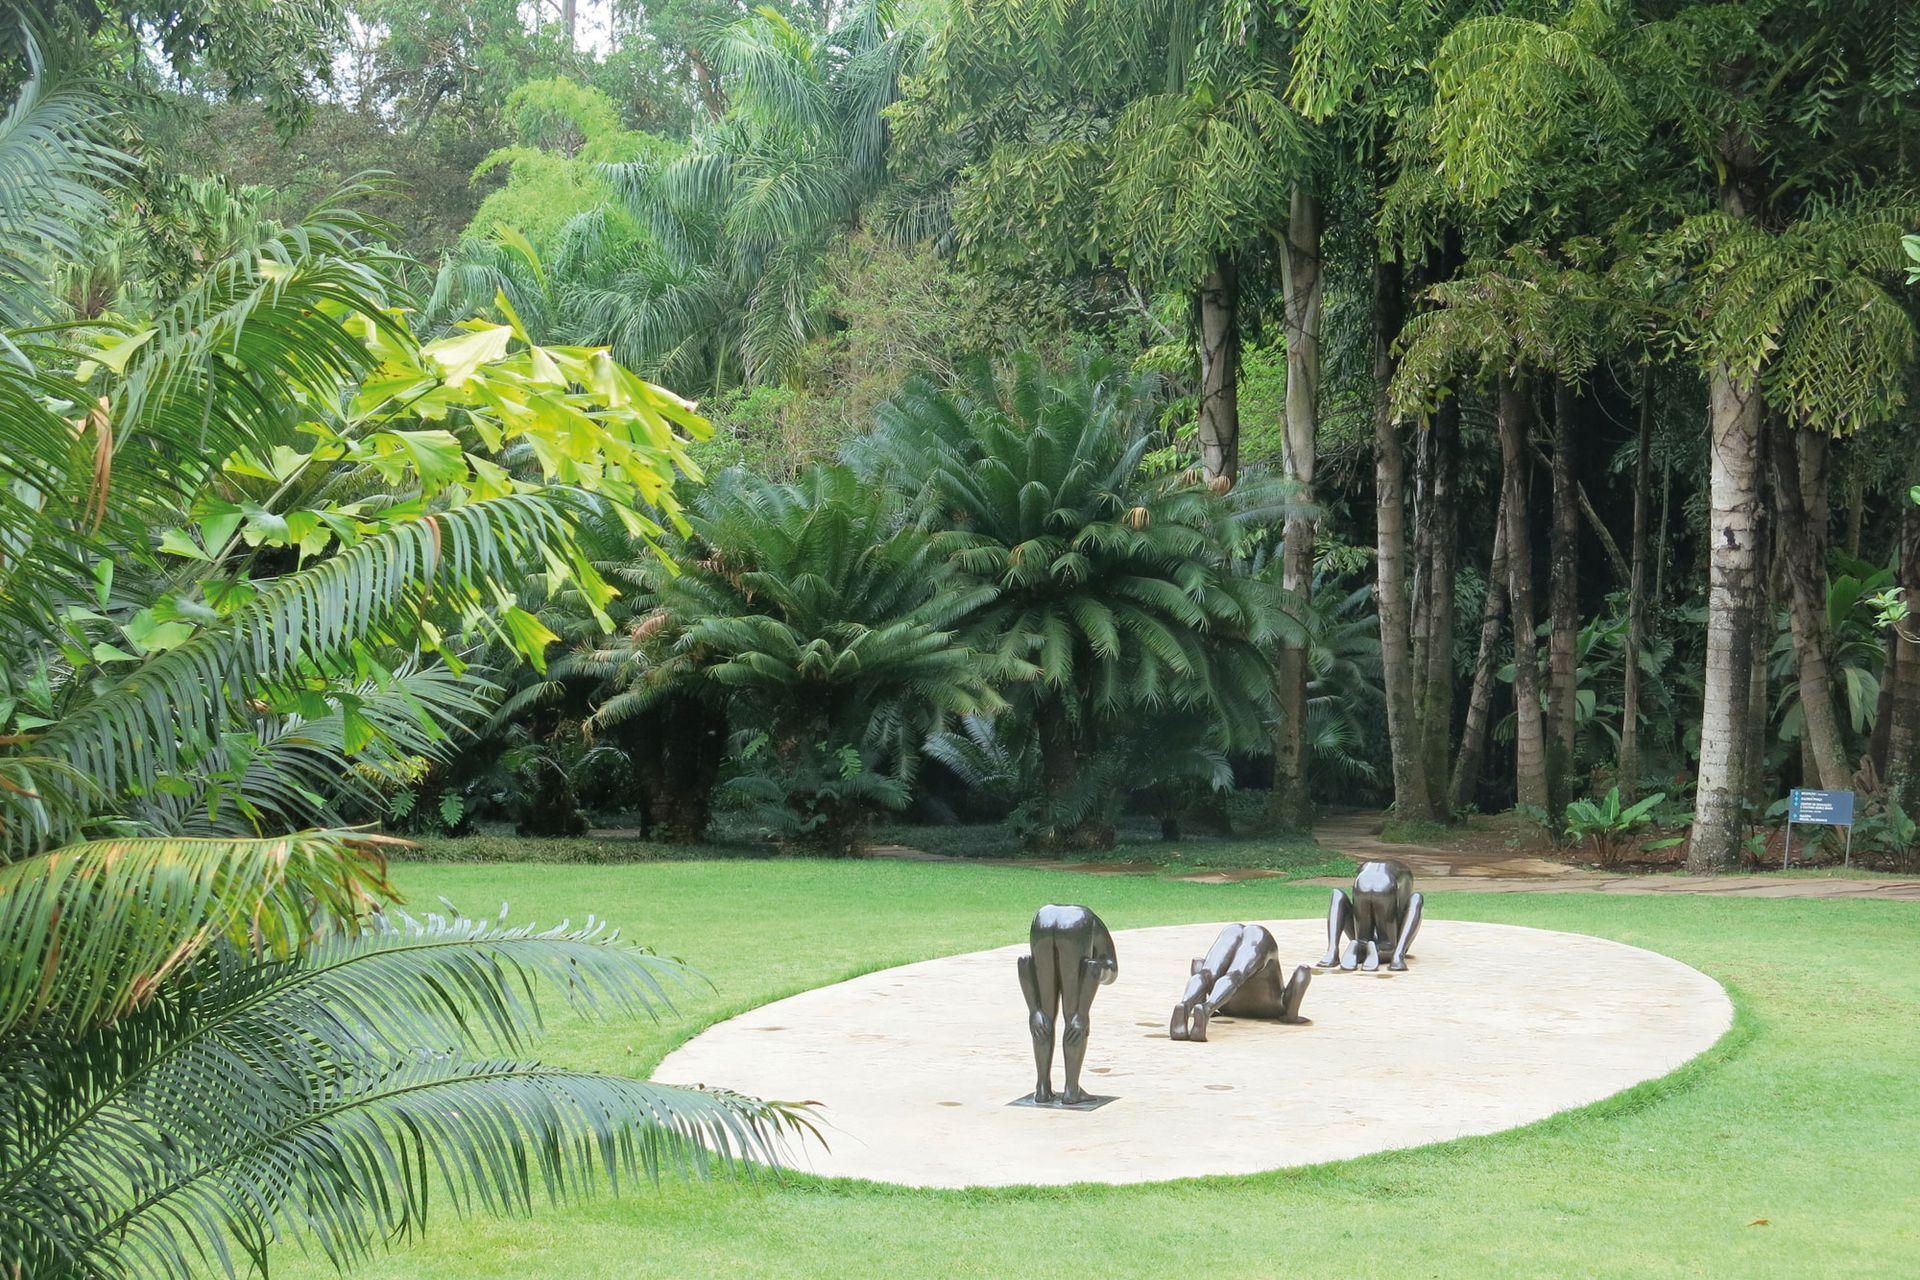 Escultura en bronce de Edgardo De Souza. Desnudos masculinos cuyas caras se esconden y sugieren movimiento continuo.